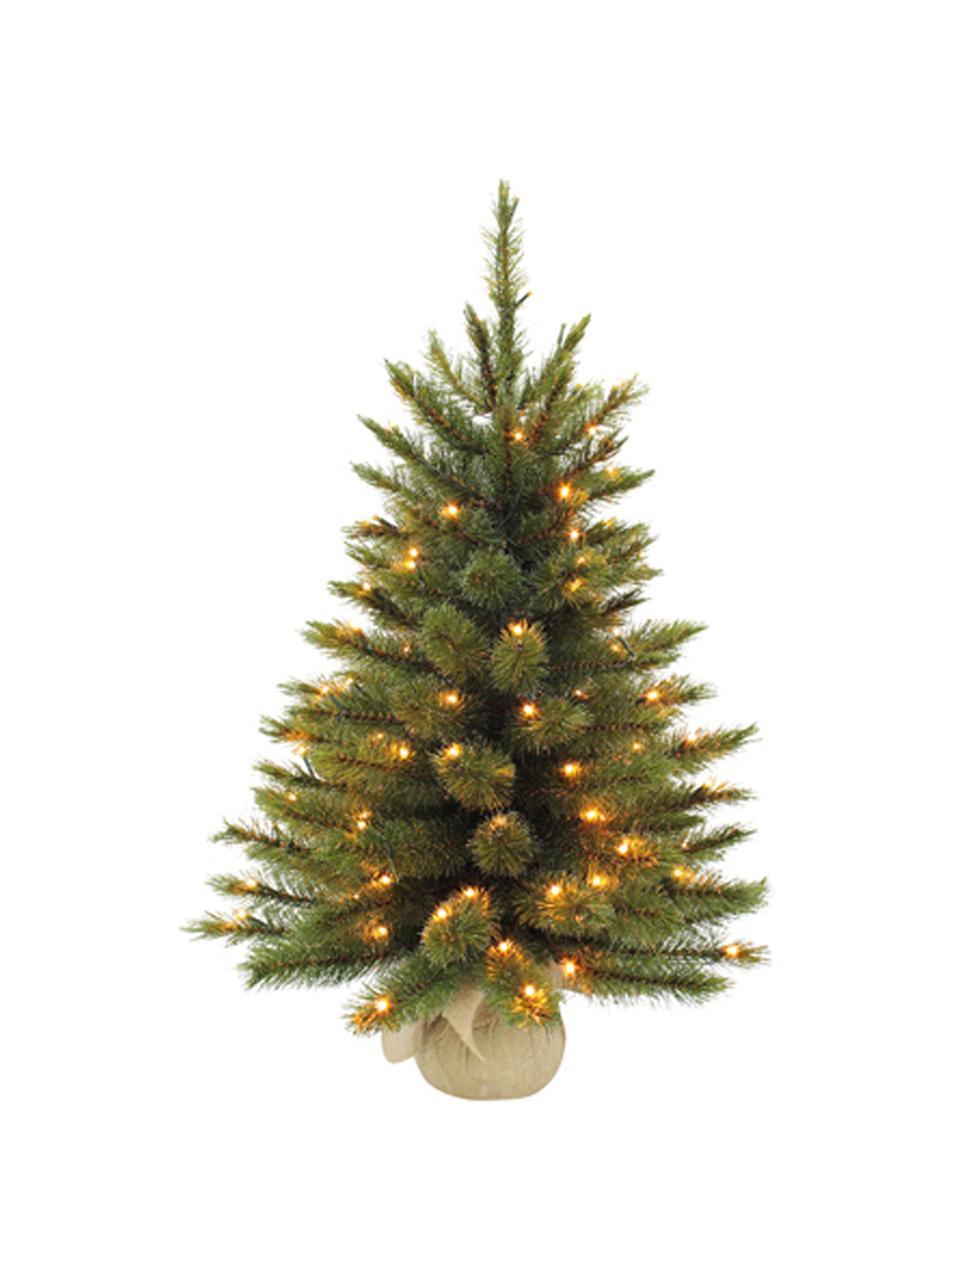 Künstlicher LED Weihnachtsbaum Forest, Grün, Ø 61 x H 90 cm